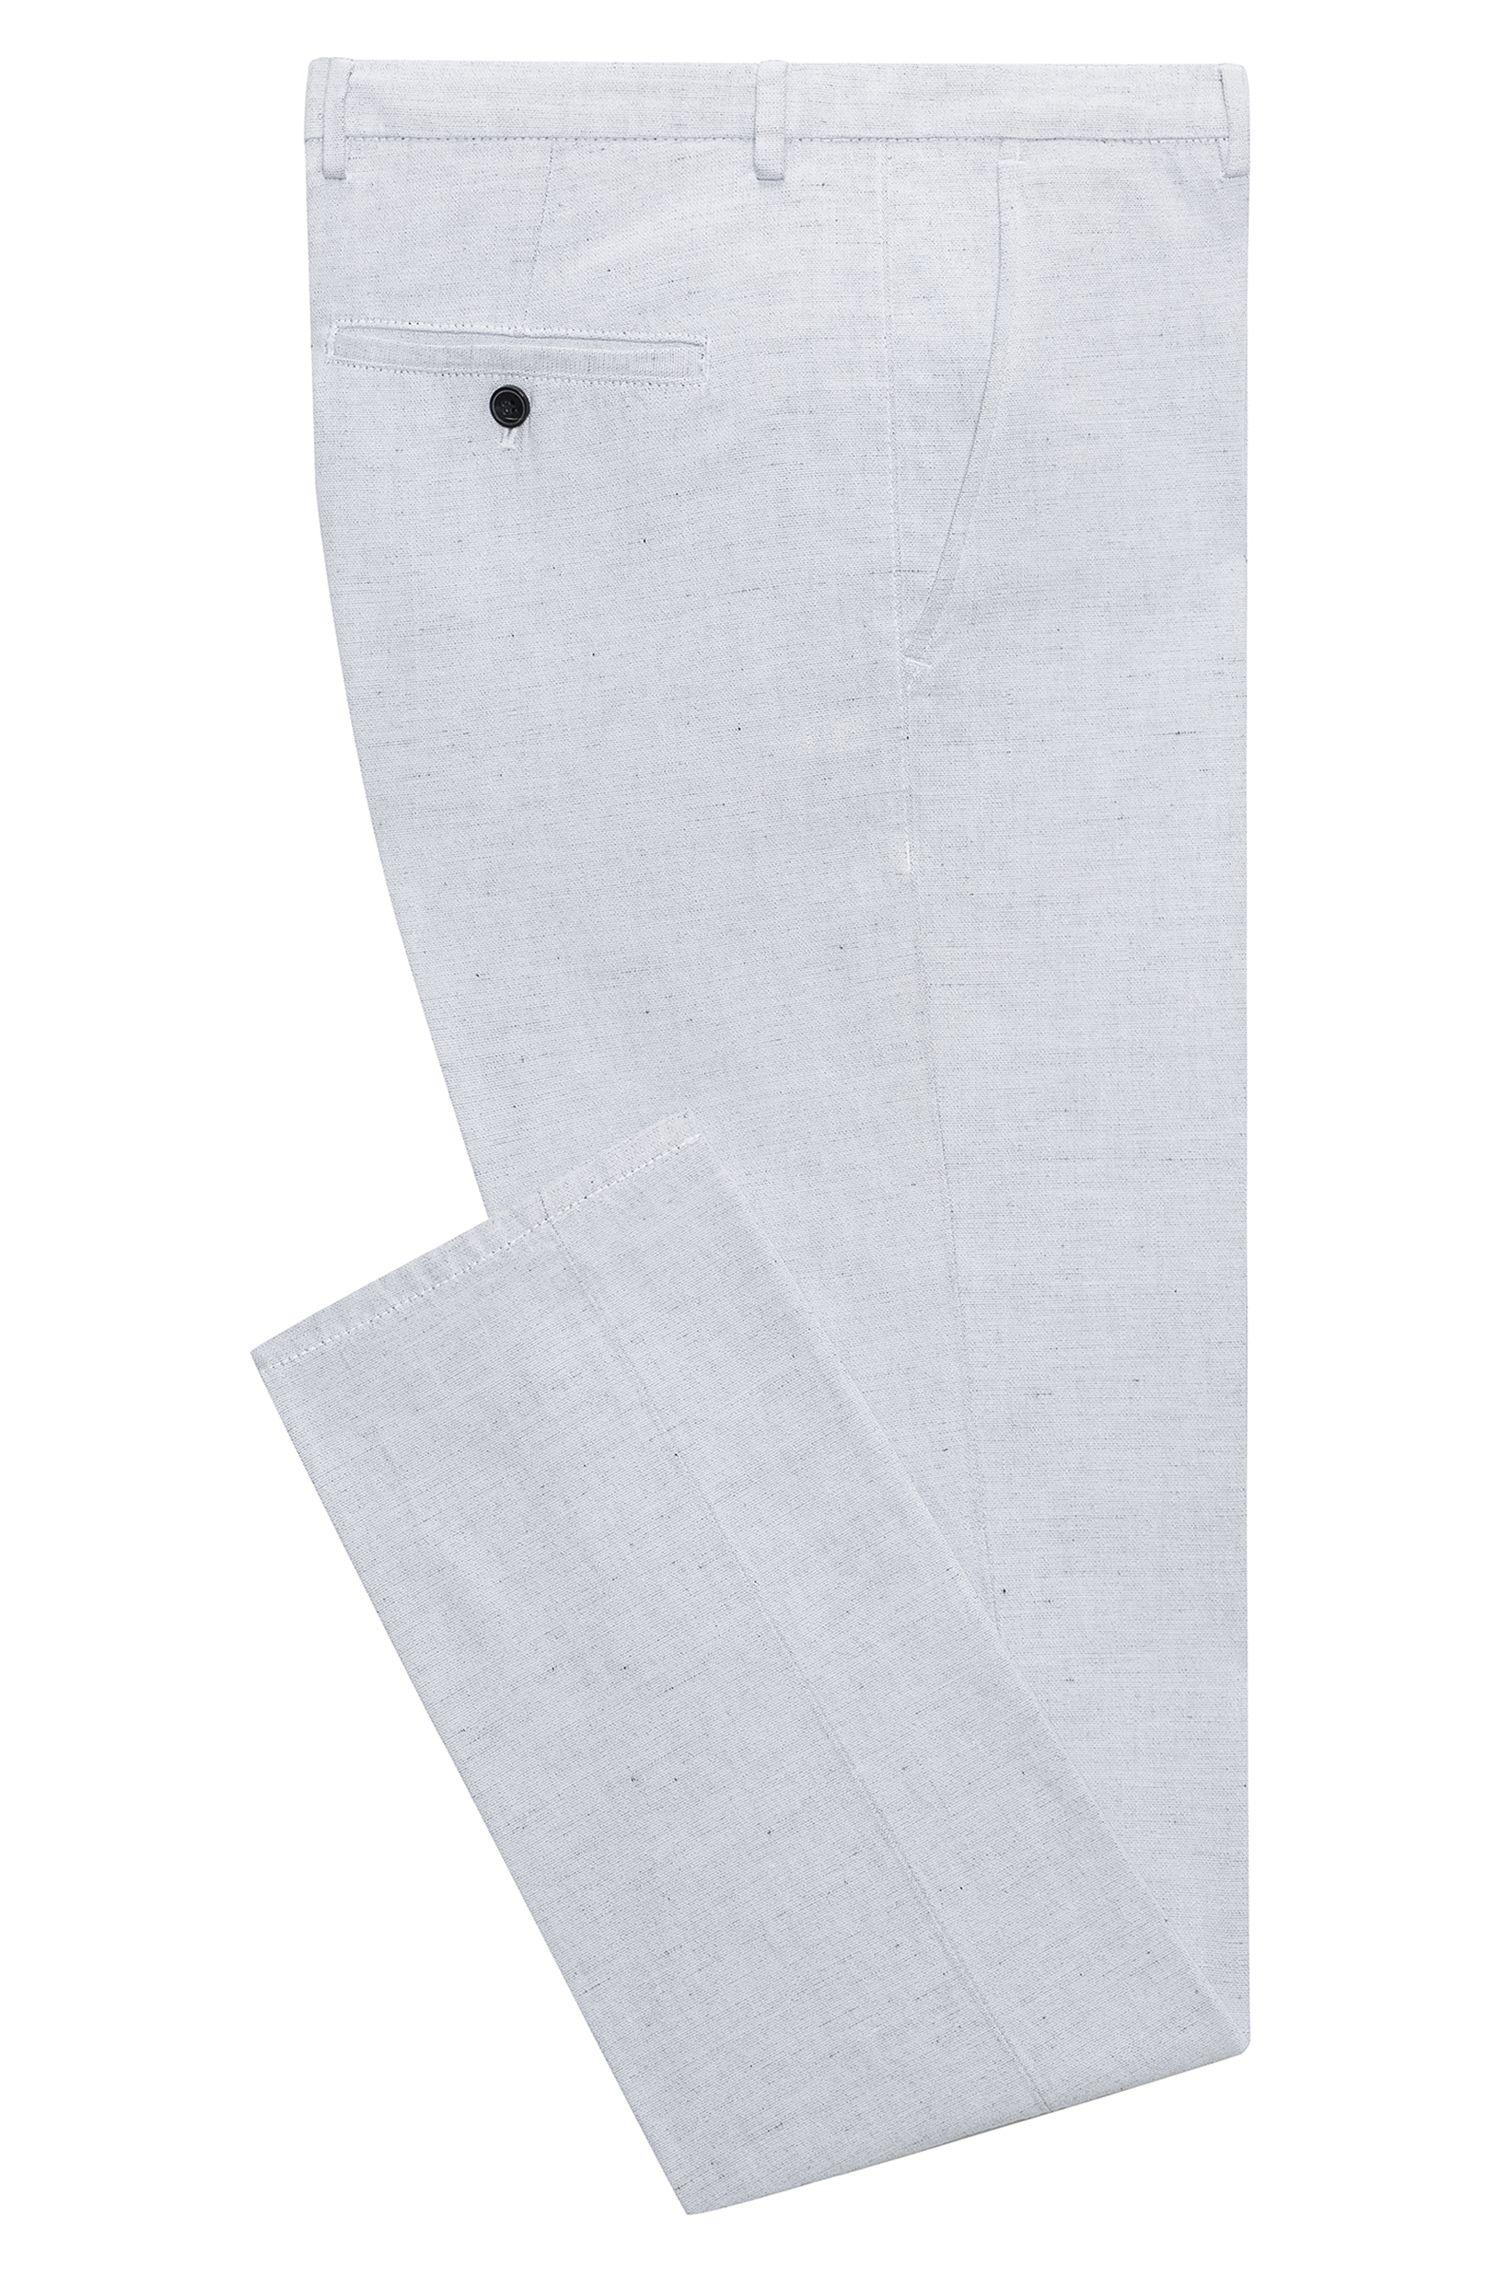 Pantalon Slim Fit teint, en coton avec une touche de lin